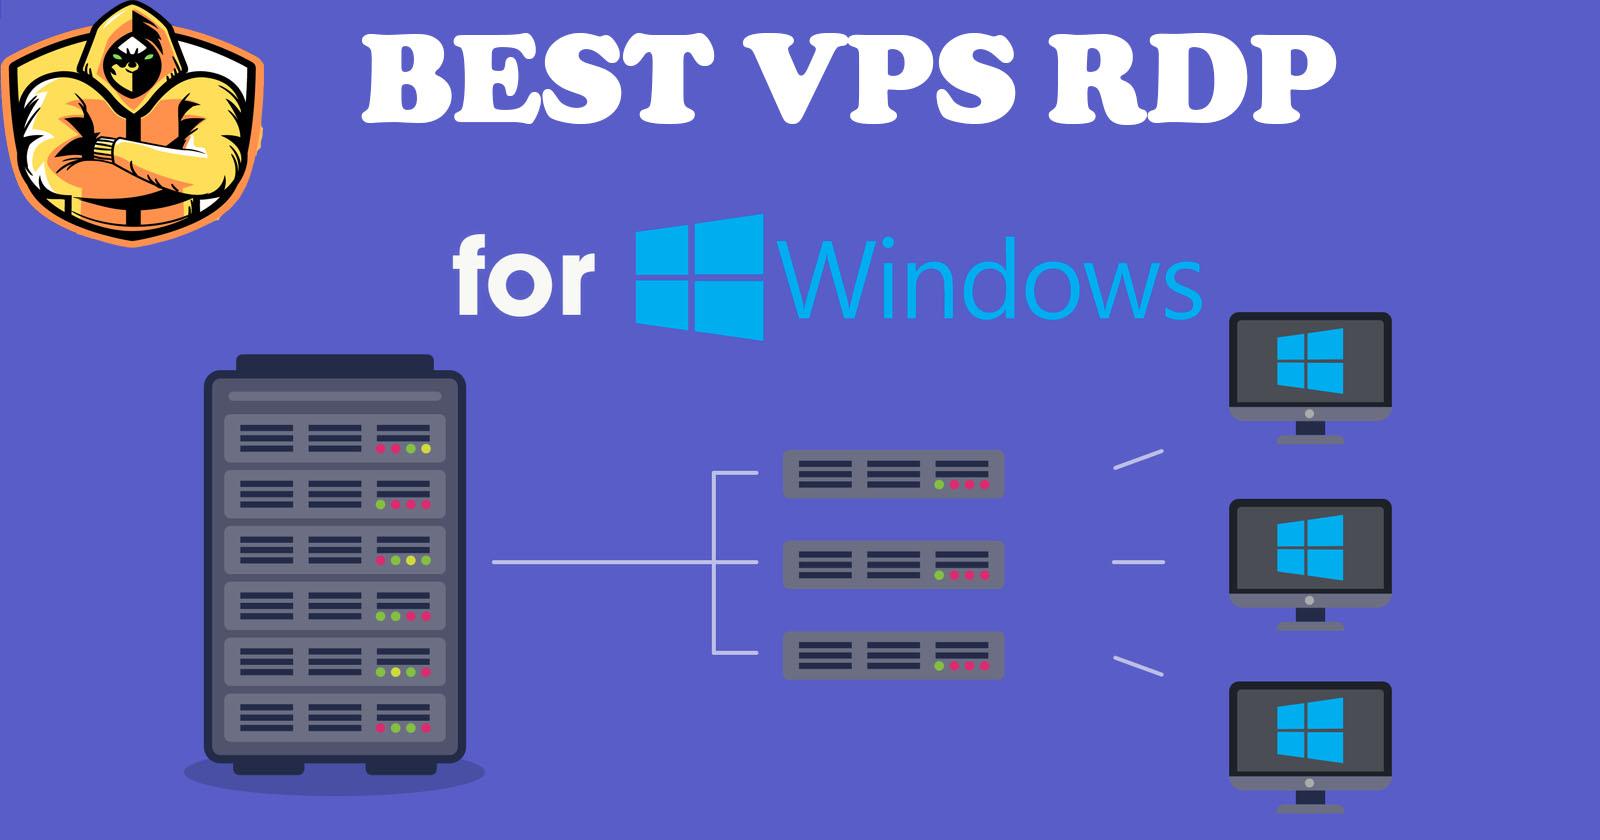 Windows VPS 4GB RAM,  50HD,  2vCPU High Performance